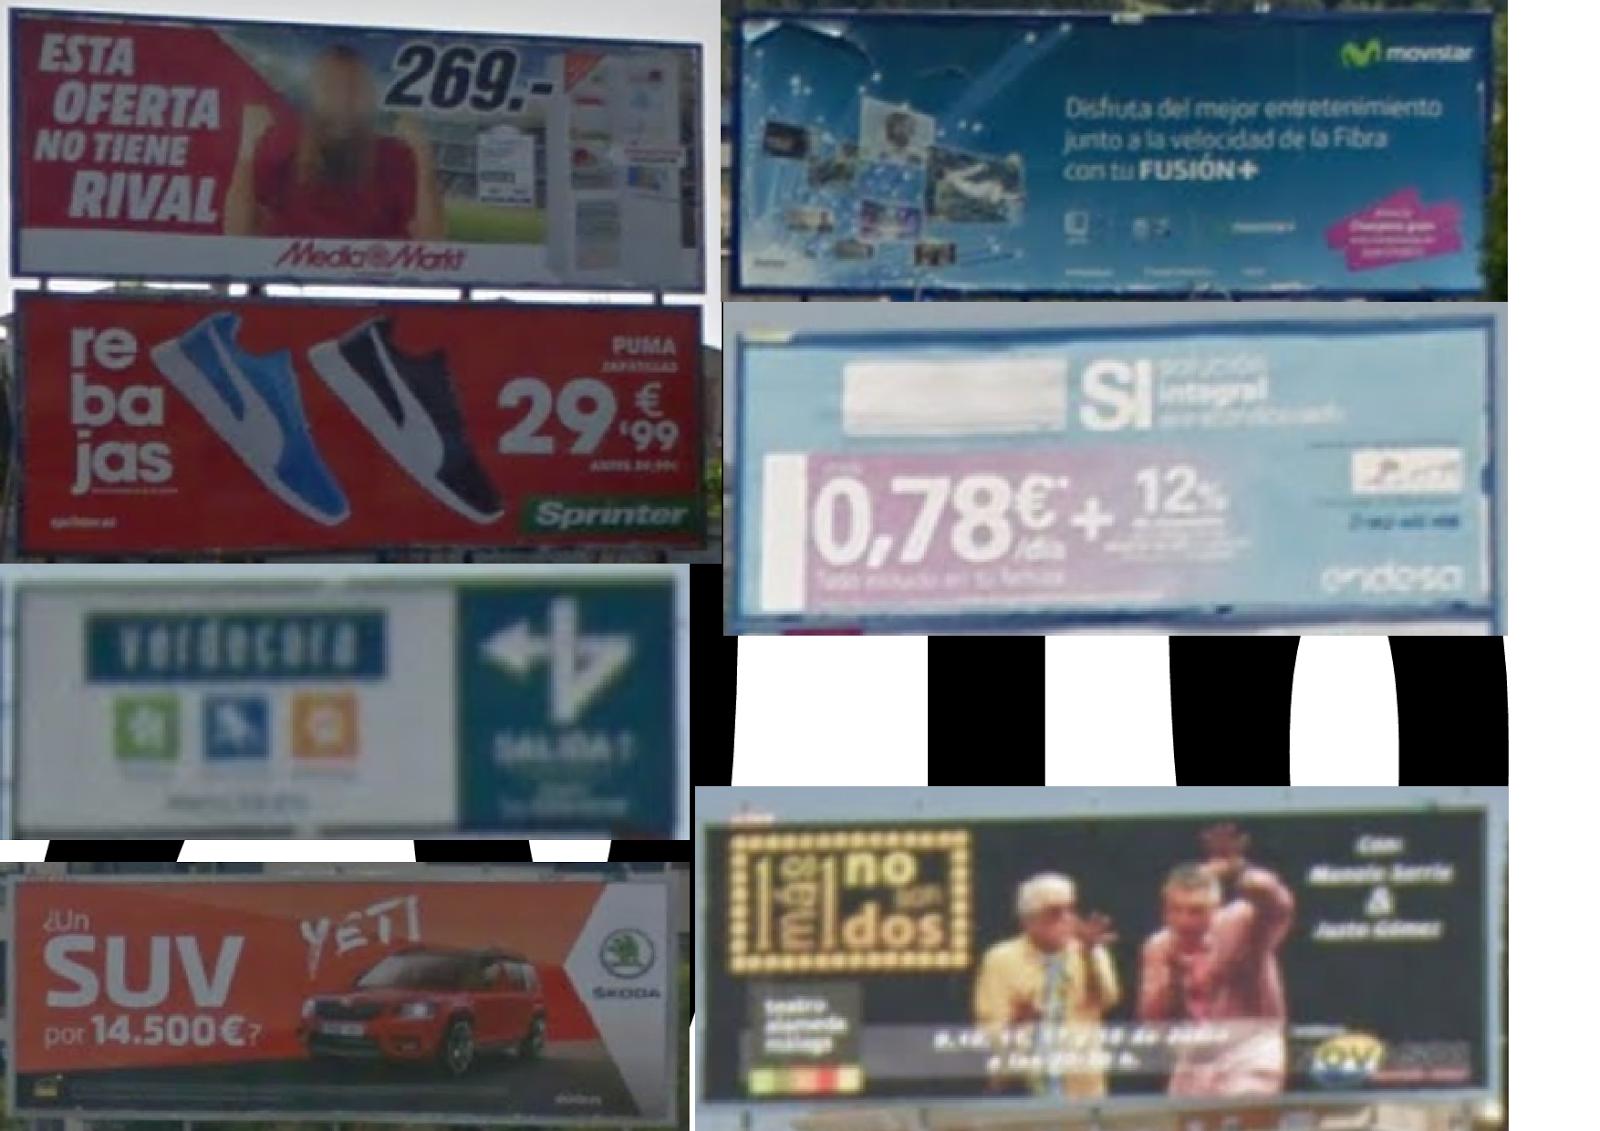 Vallas publicitarias espa a anuncios en vallas 2016 16 for Verdecora malaga